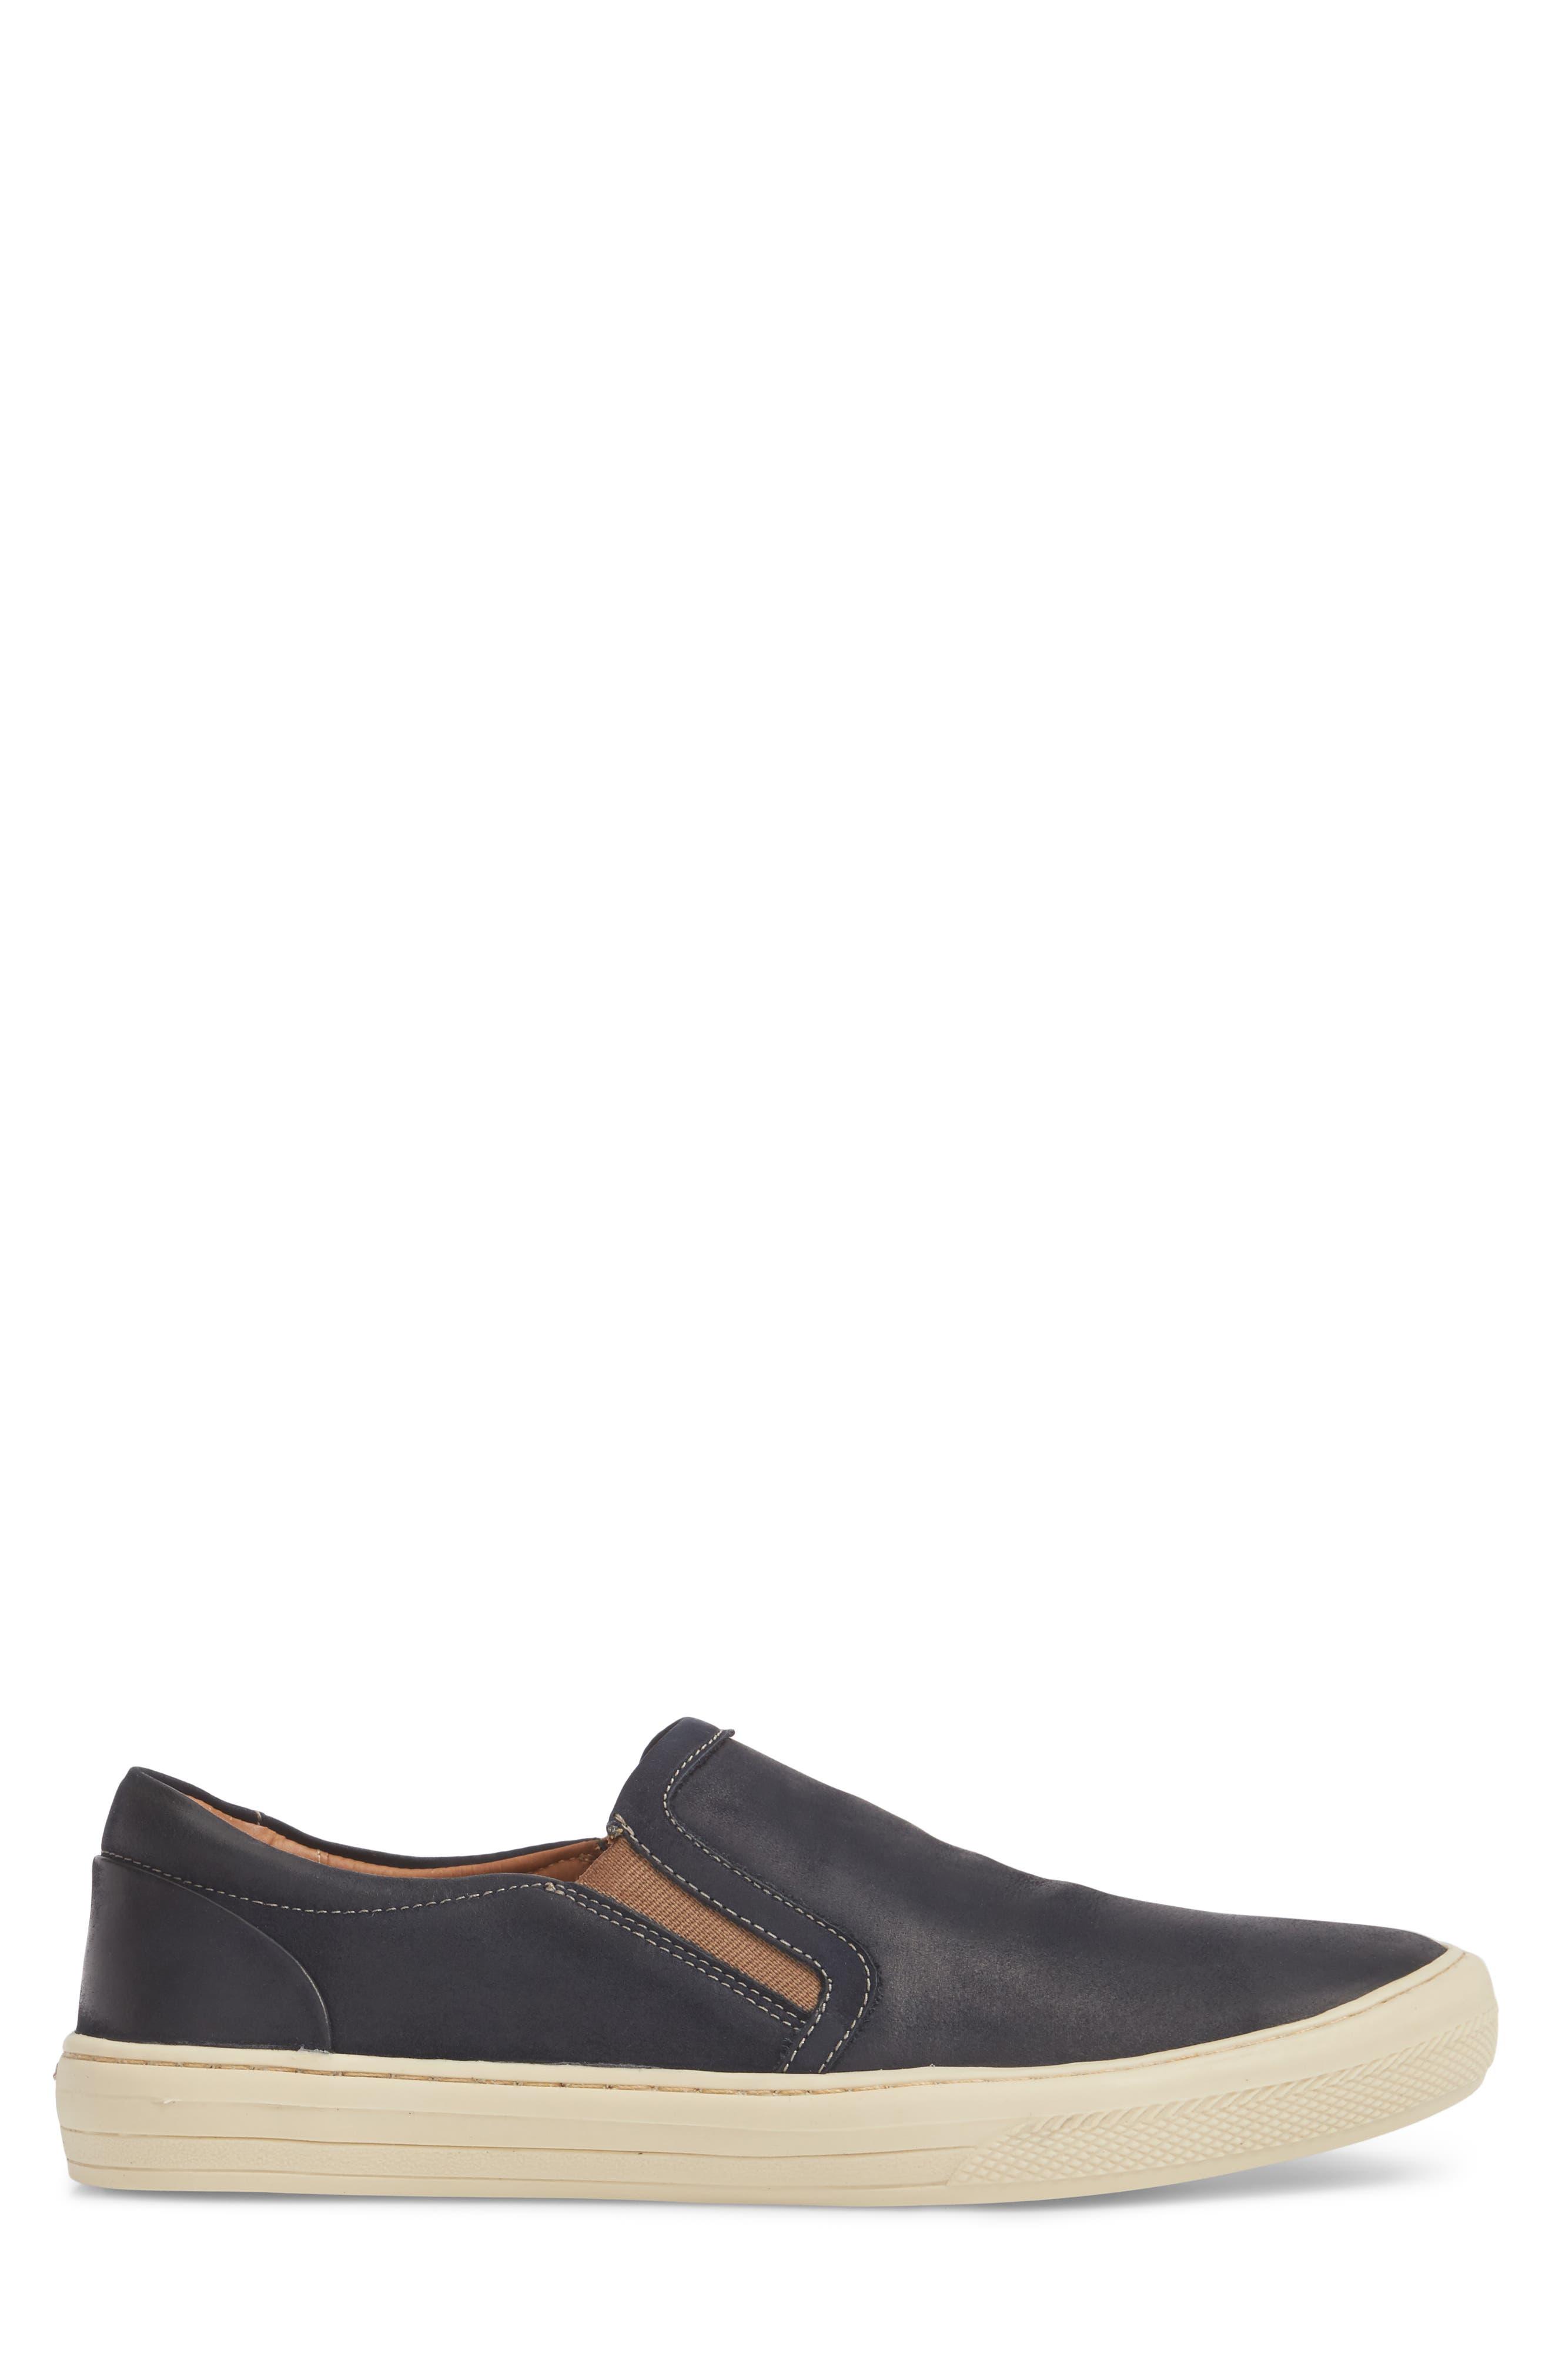 Itabuna Slip-On Sneaker,                             Alternate thumbnail 3, color,                             400